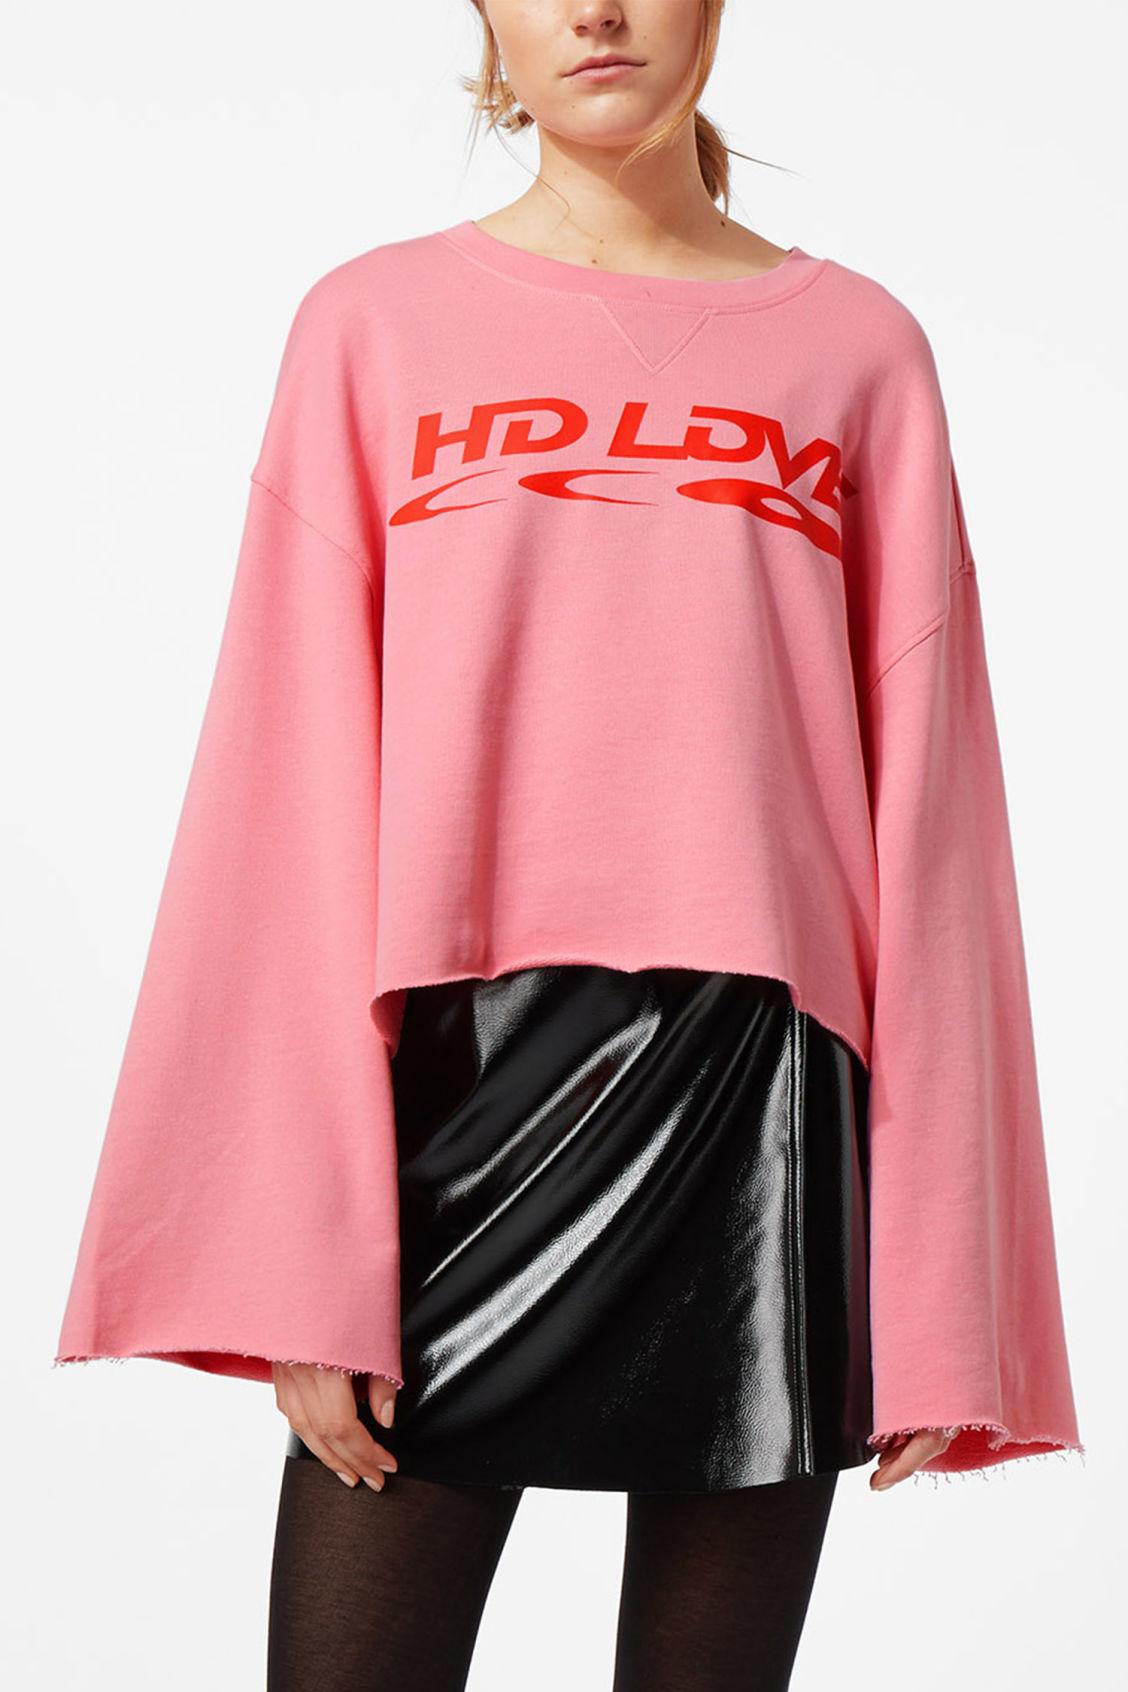 WeekdayVERA - Sweatshirt - pink dIofJAsr0